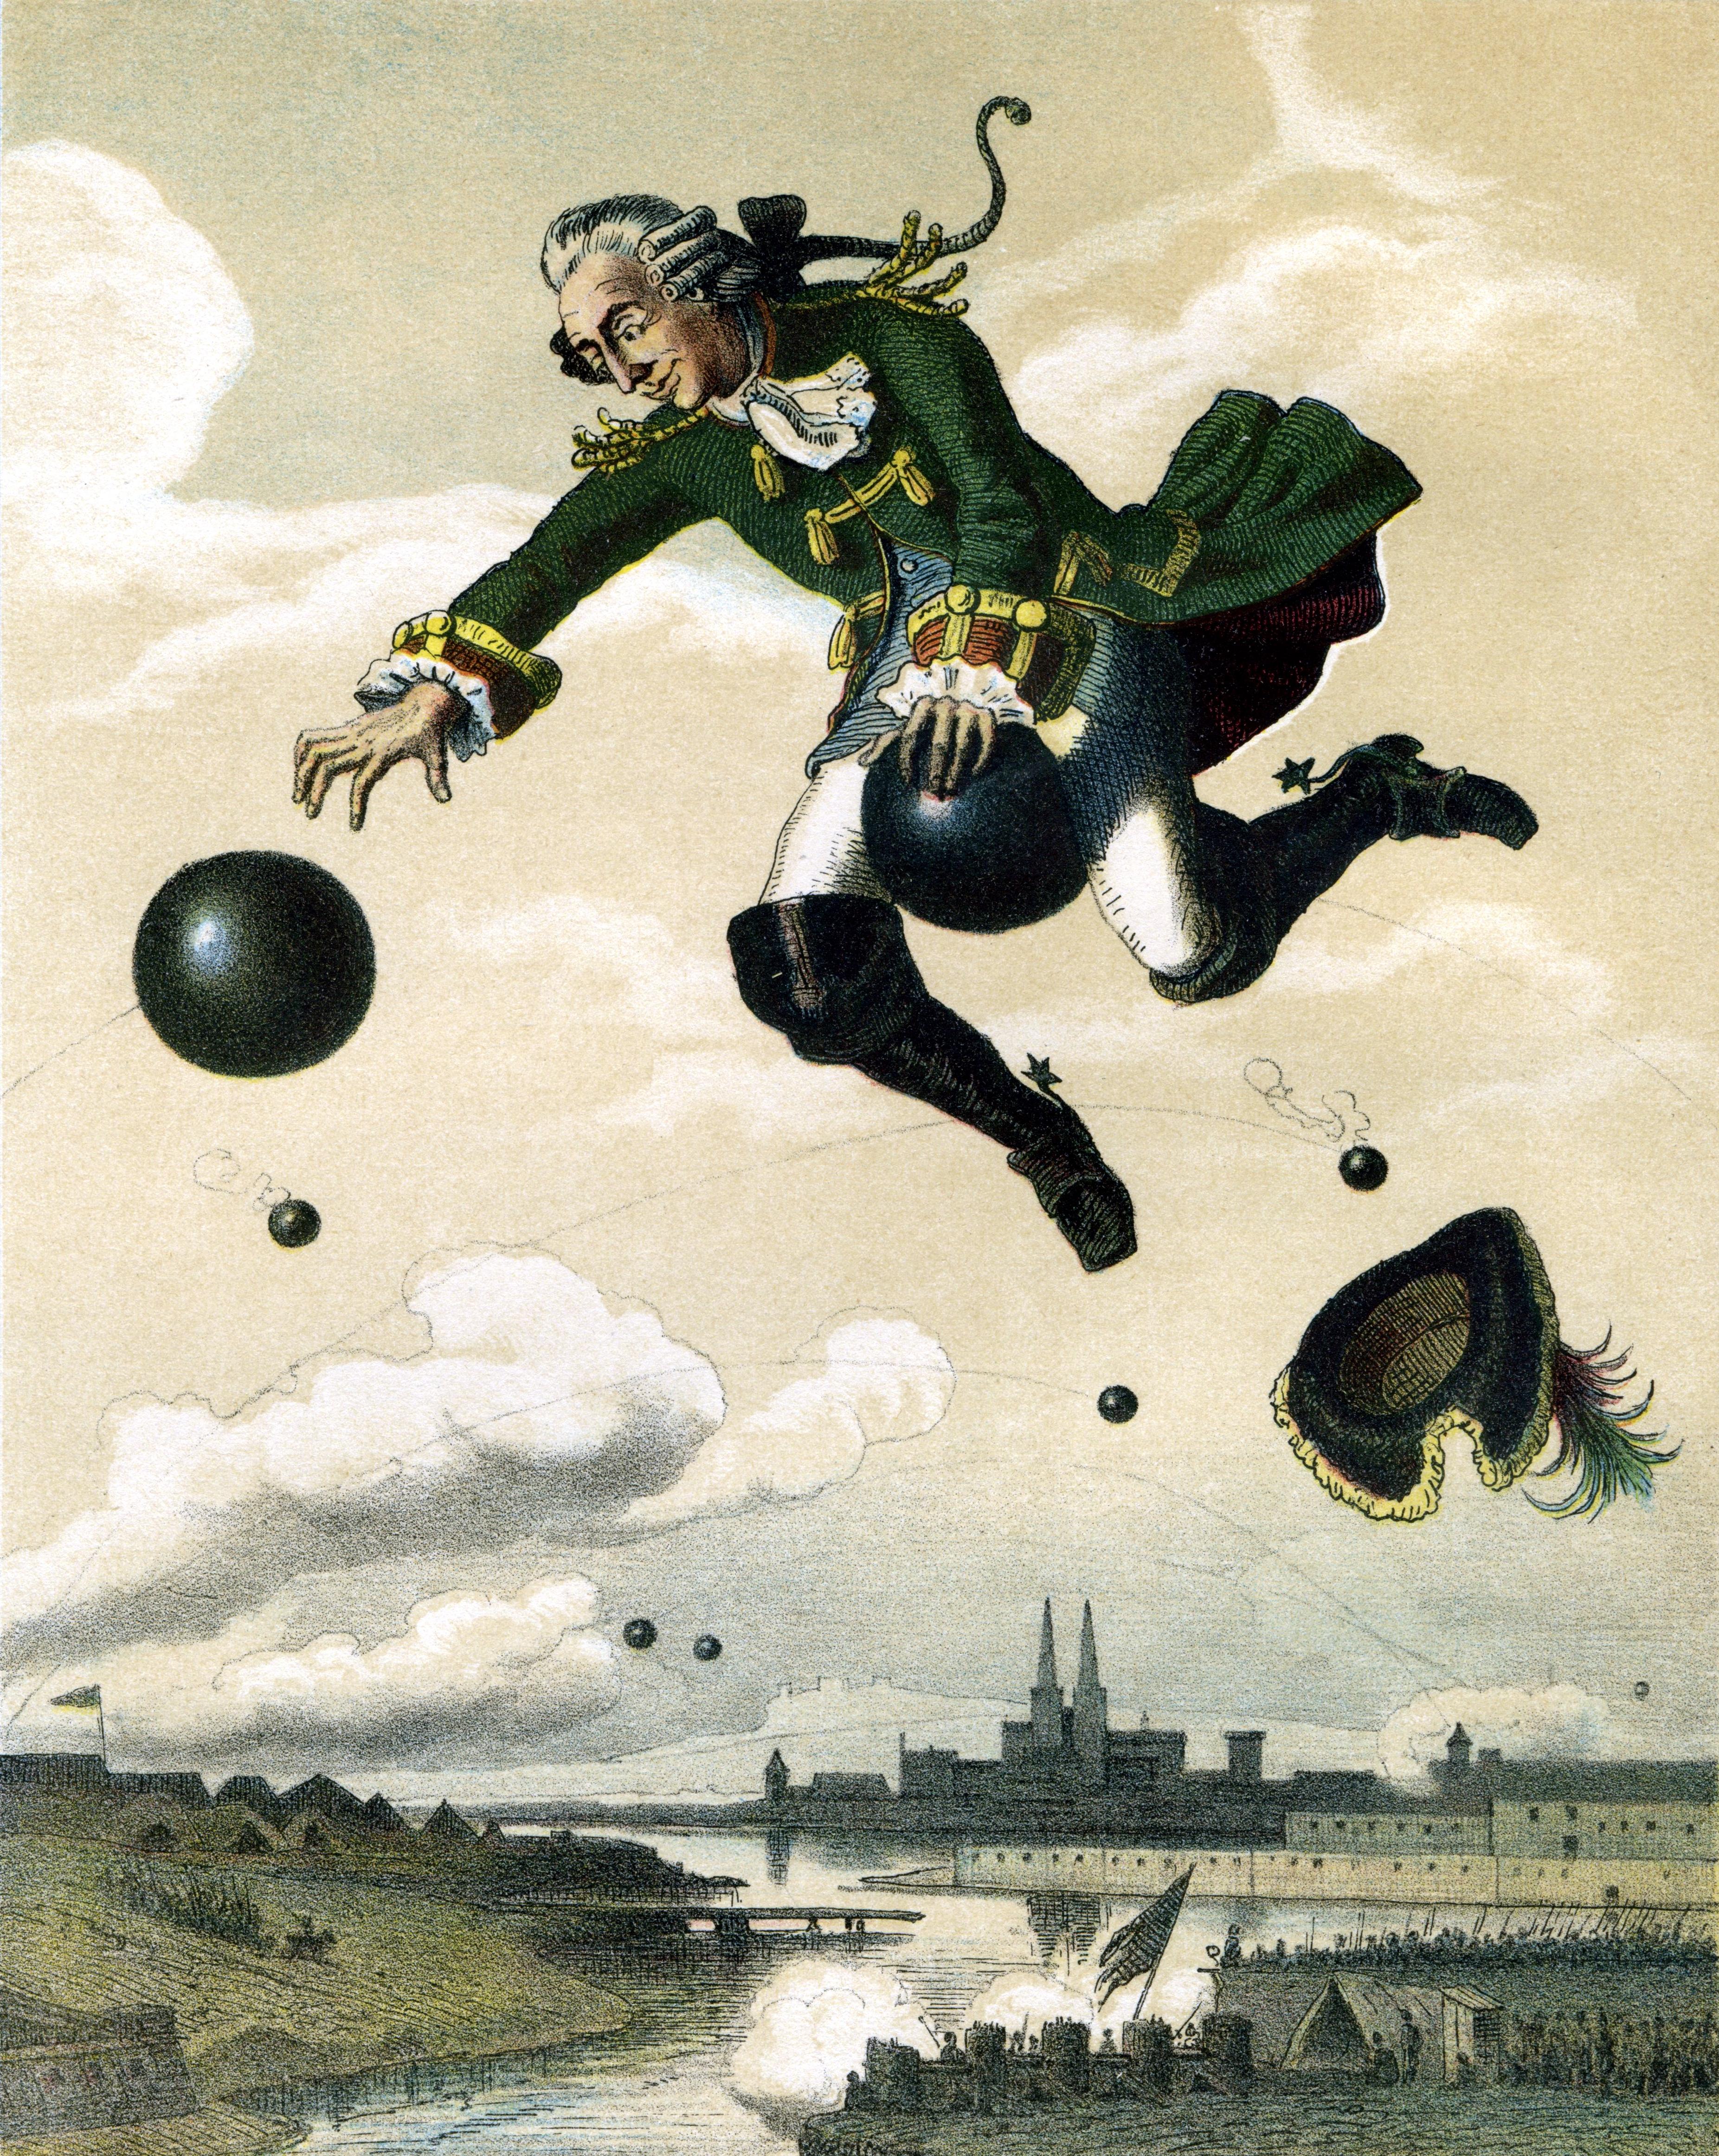 August von Wille vor 1872 - Münchhausens Ritt auf der Kanonenkugel - Quelle: WikiCommons